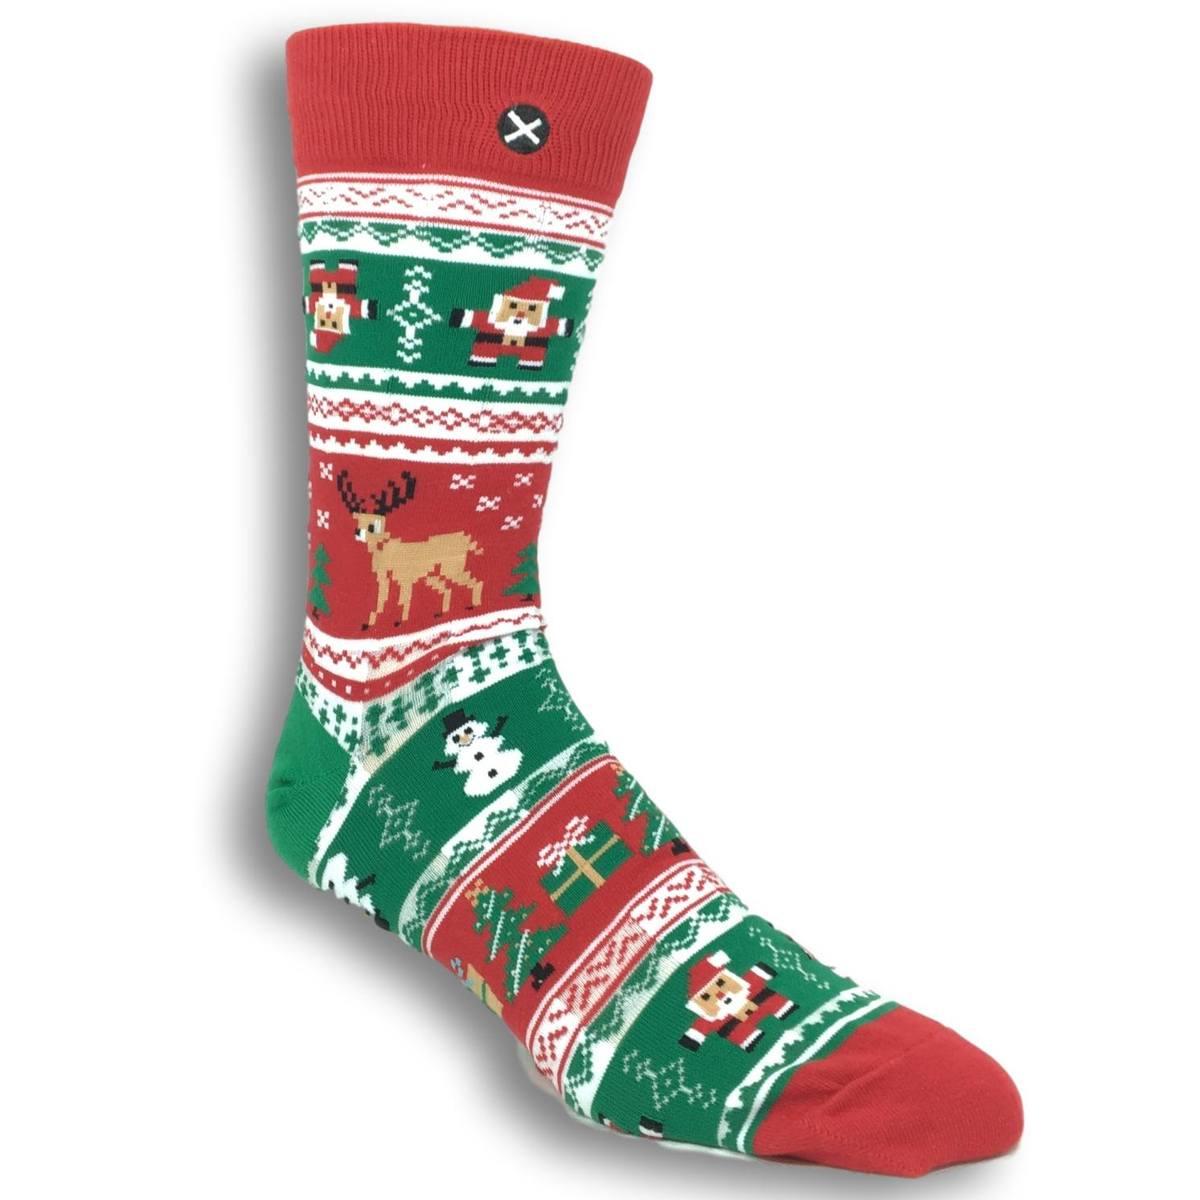 best christmas socks manufacturer near me,christmas socks, christmas socks manufacturer